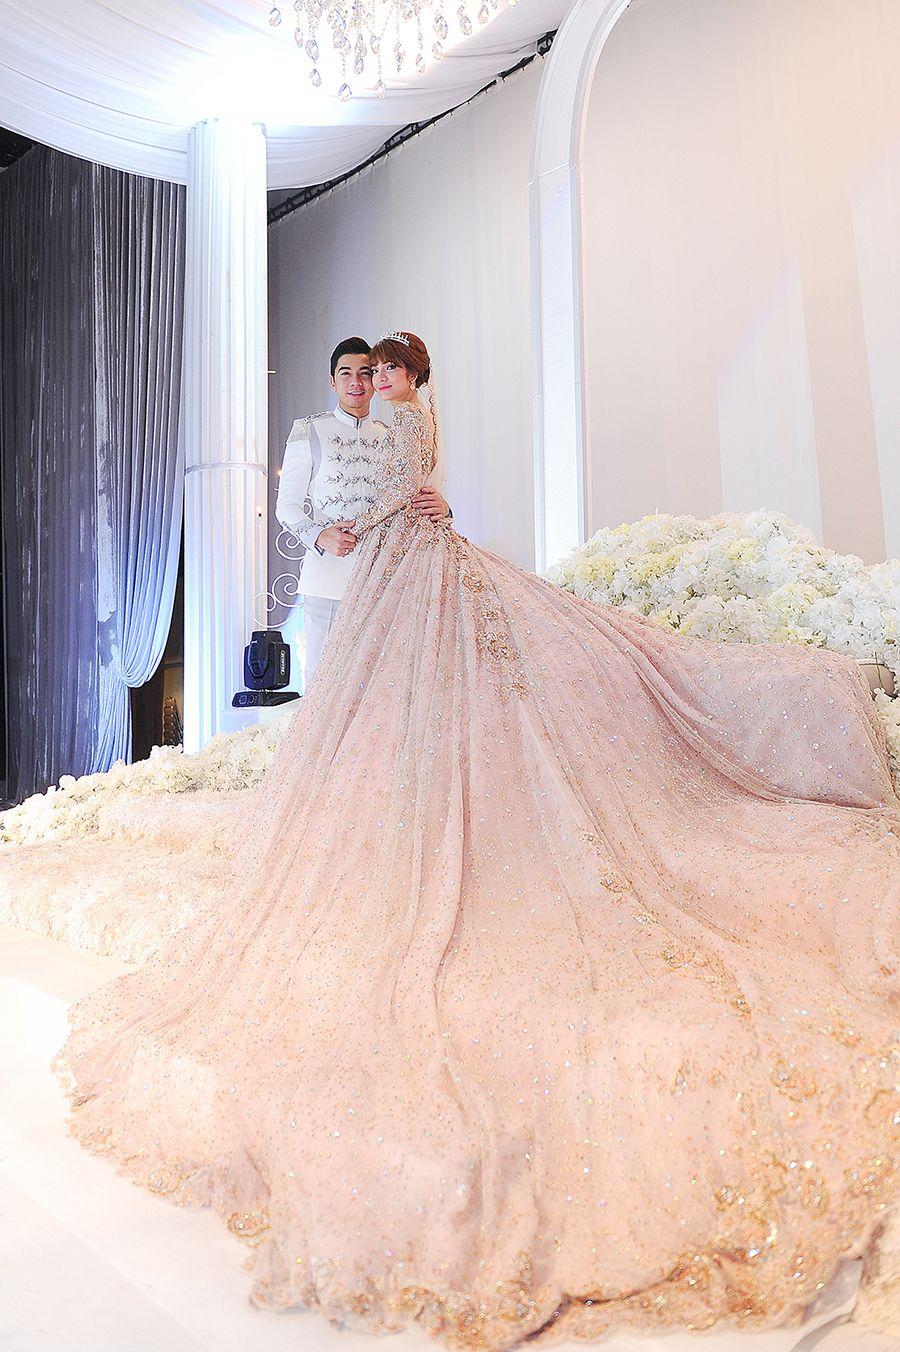 Amar Baharin And Amyra Rosli S Fairytale Wedding Fairytale Wedding Gown Wedding Gowns Wedding Dresses